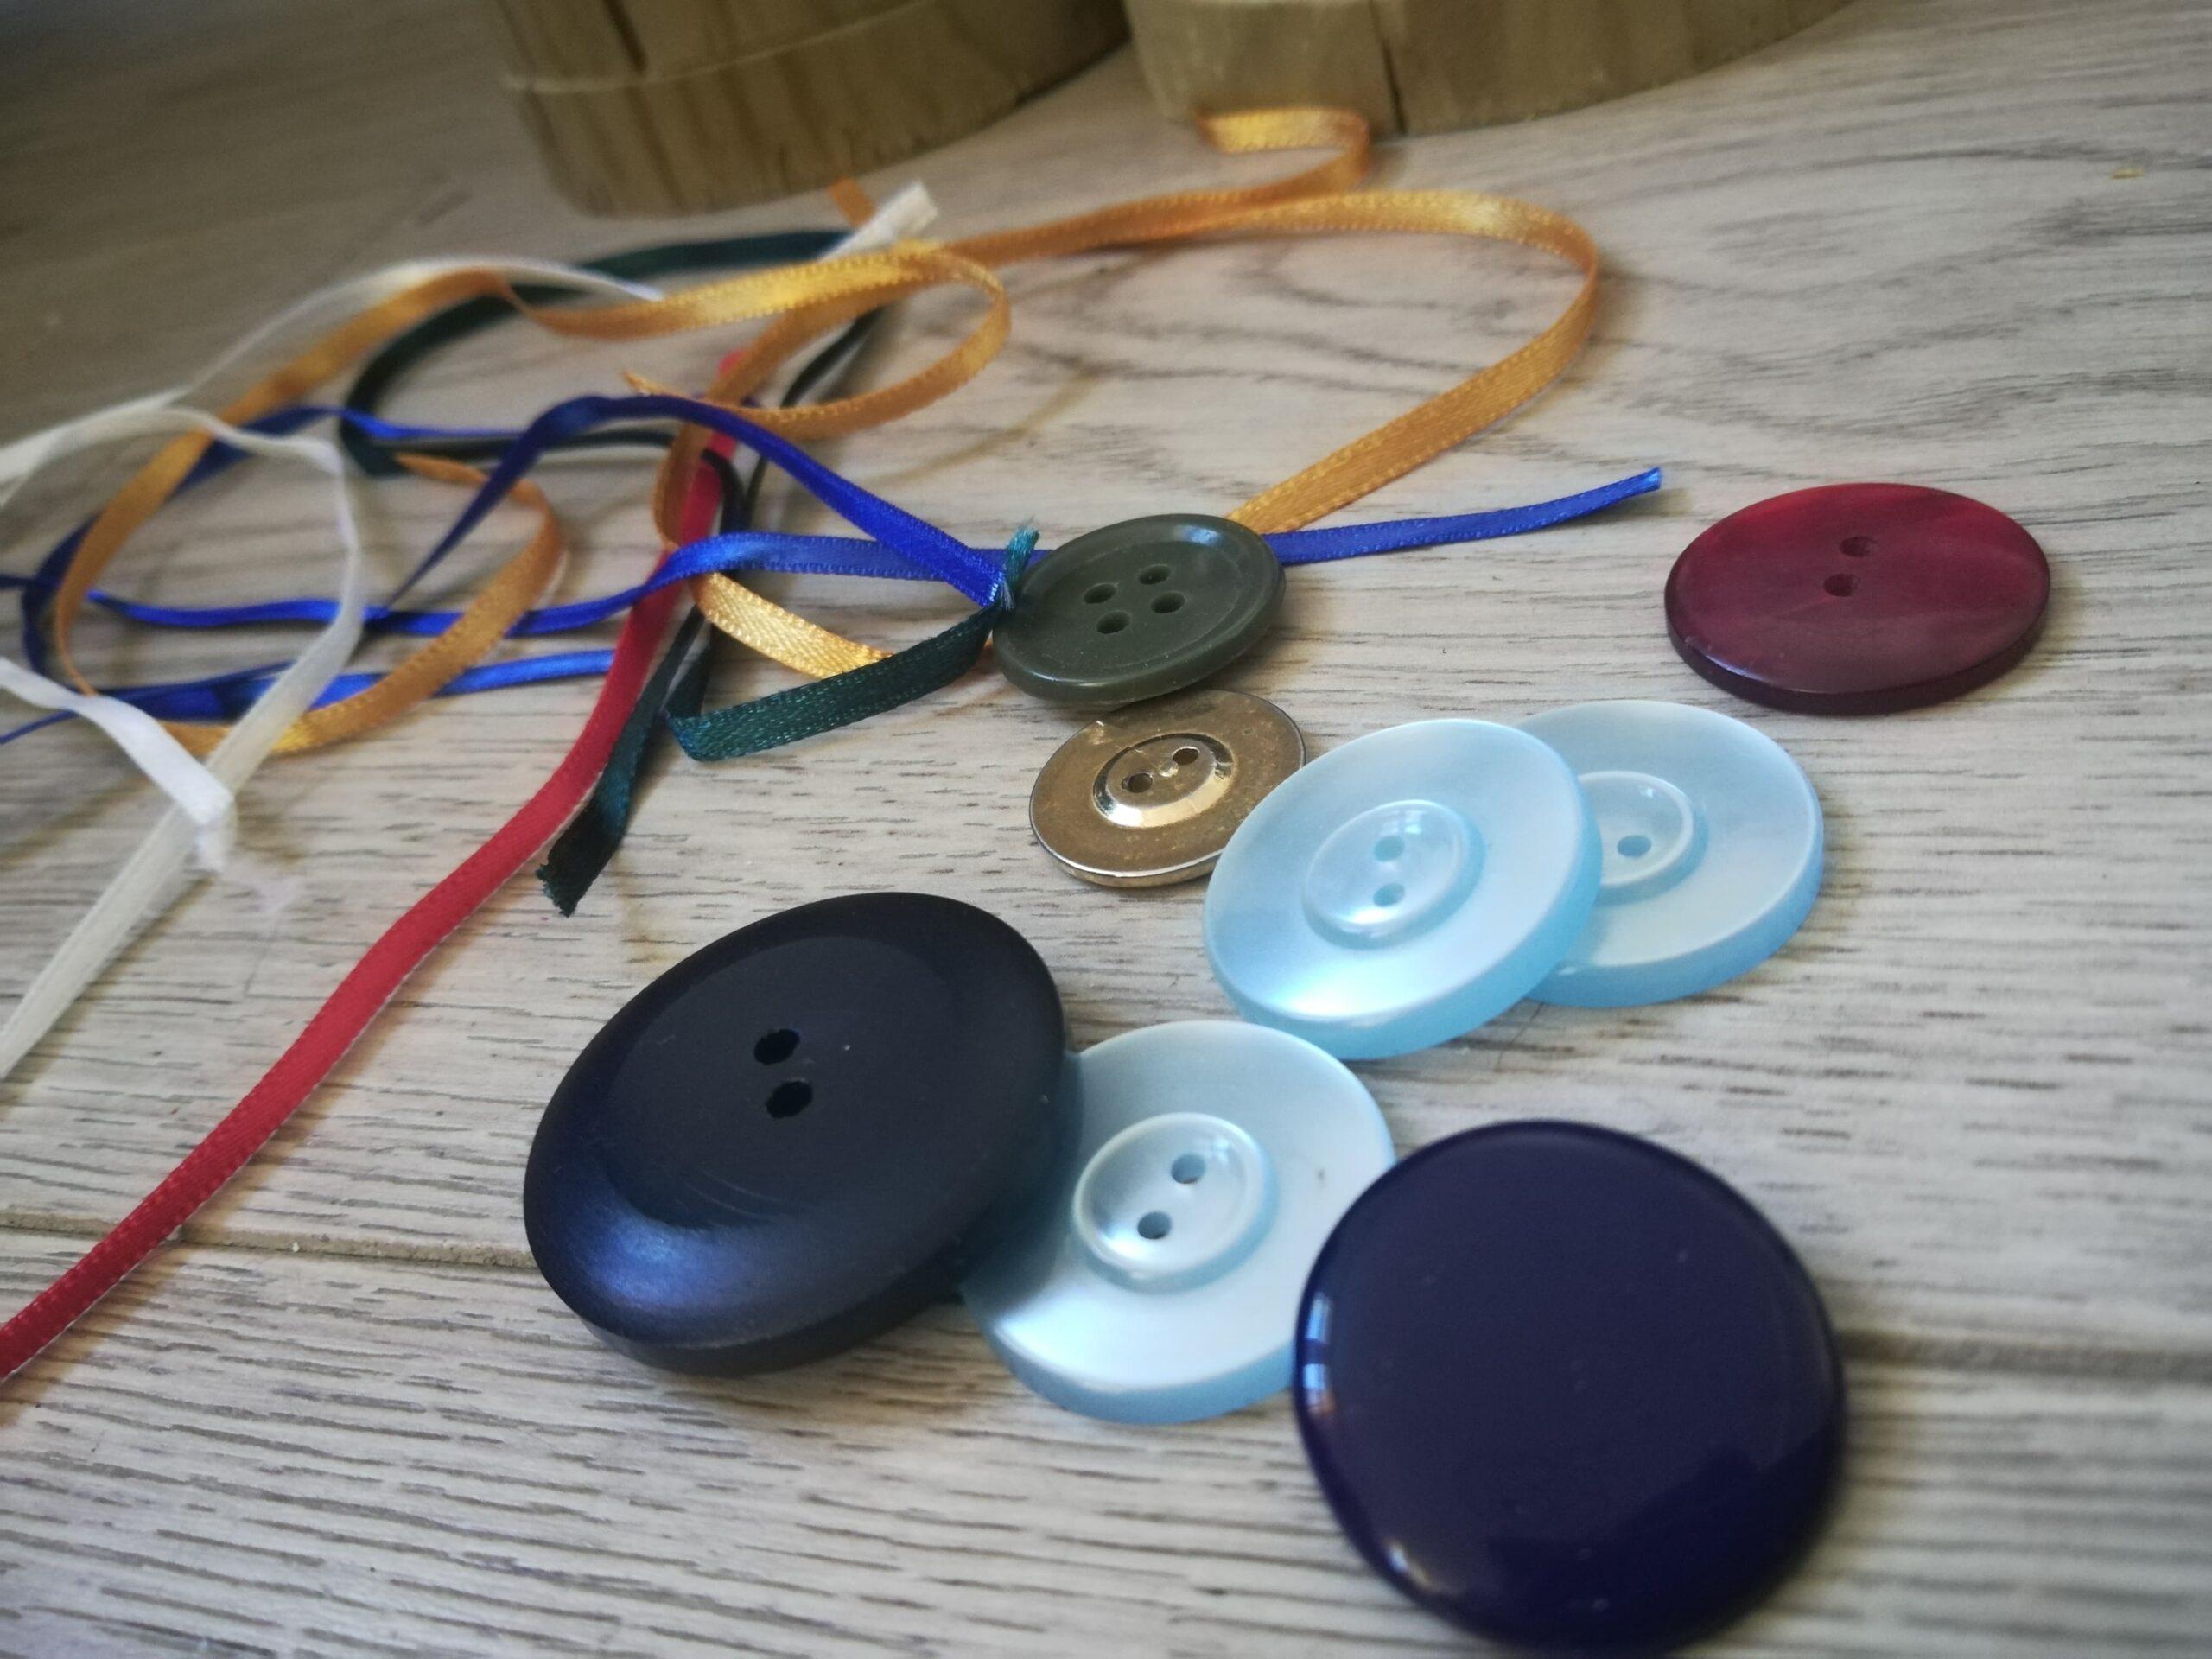 Du matériel récupéré est posé sur le sol. Des fils de toutes les couleurs et des boutons, des gros et des petits, des noirs, des bleus et des dorés.